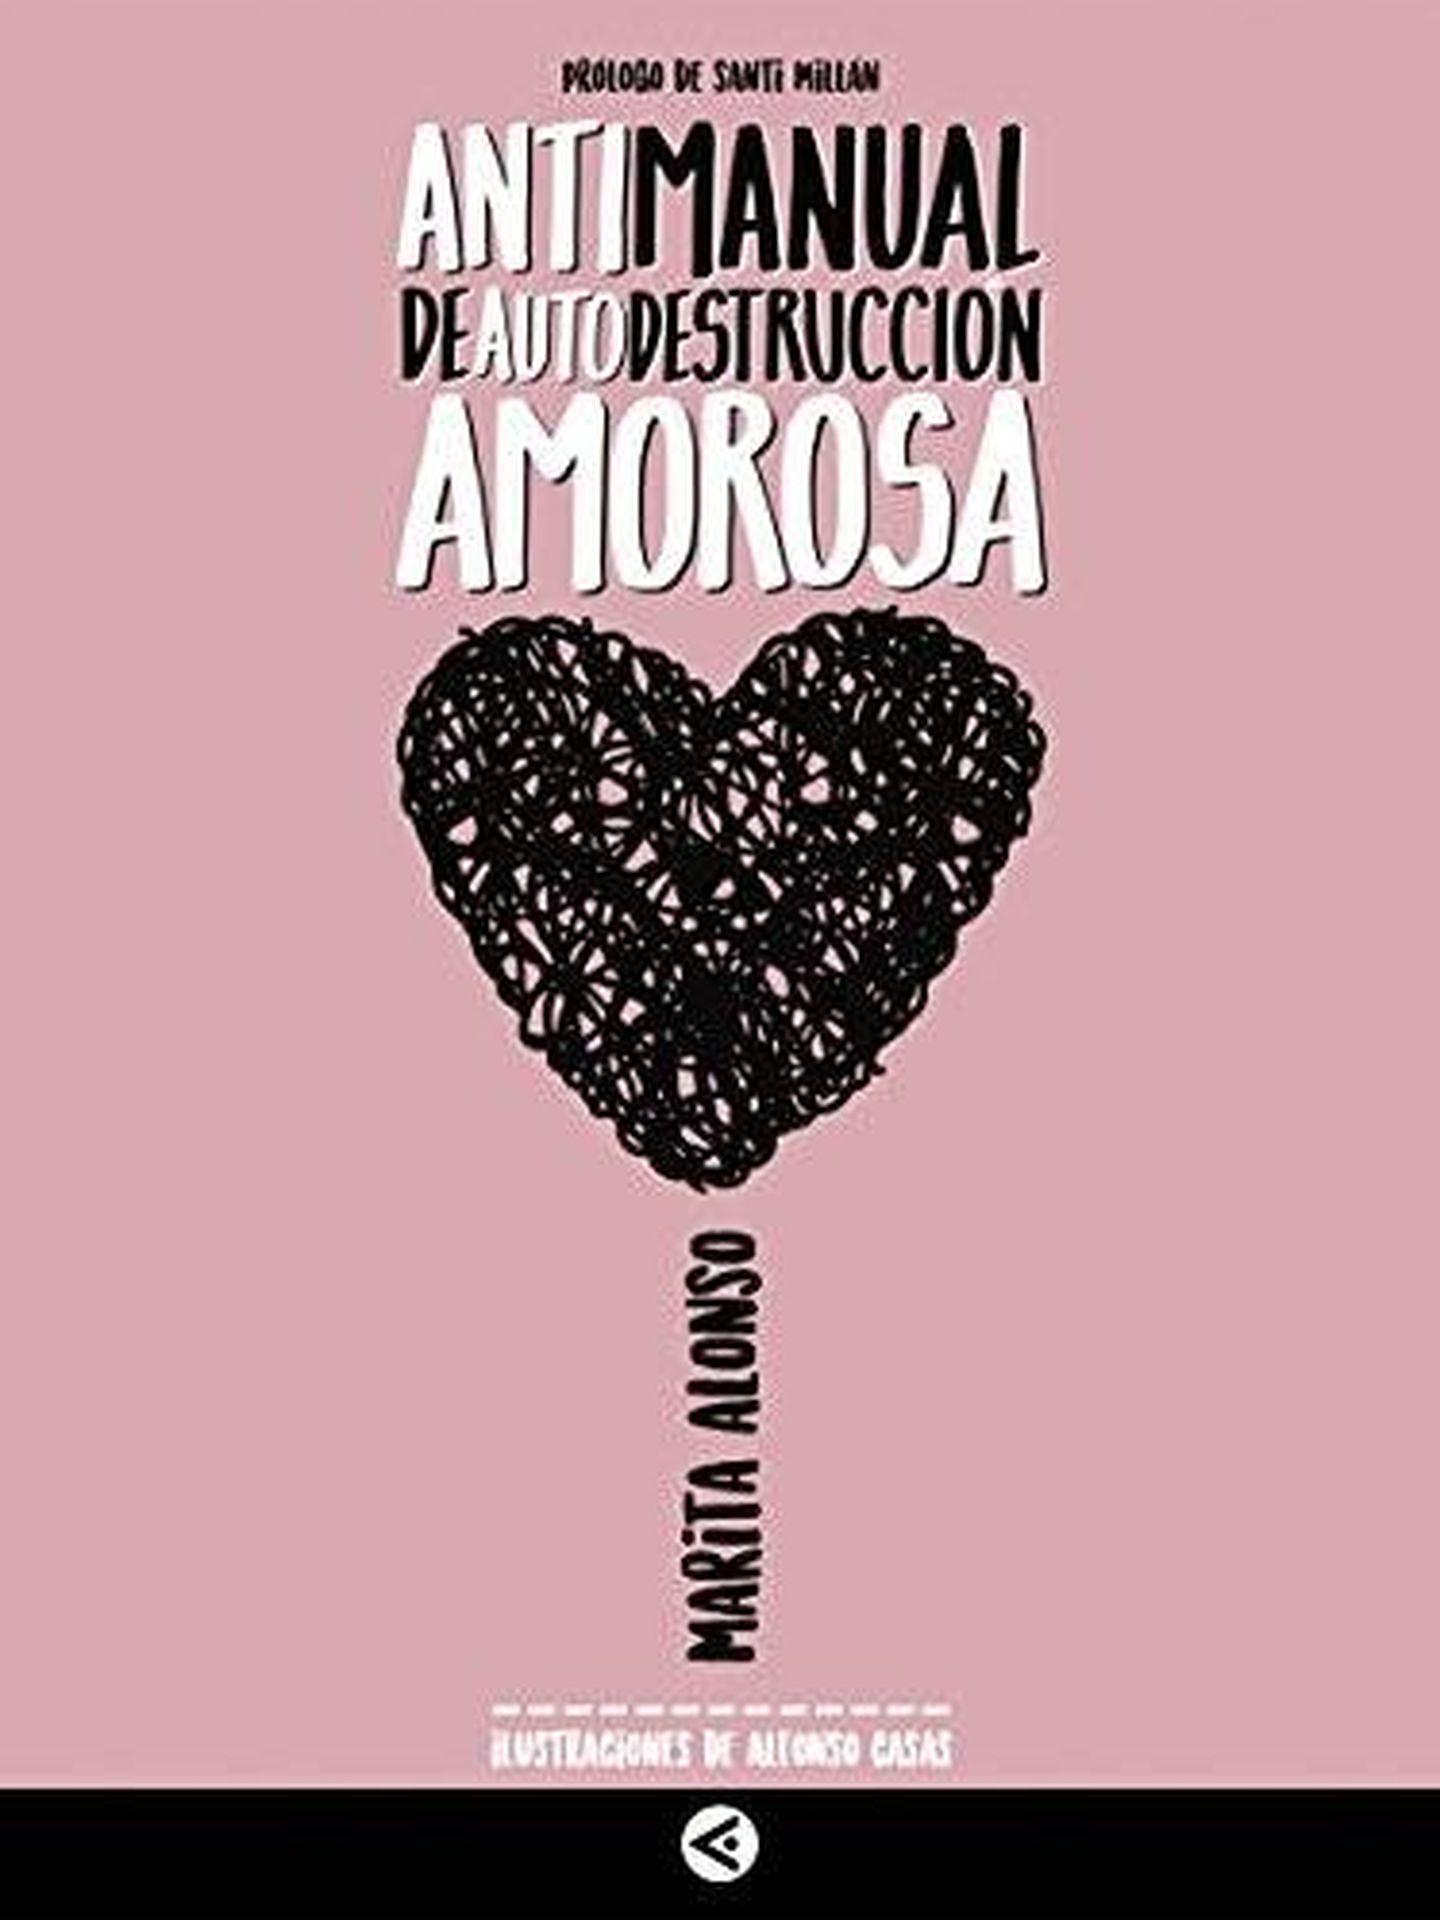 Portada de 'Antimanual de autodestrucción amorosa' (Editorial Aguilar)